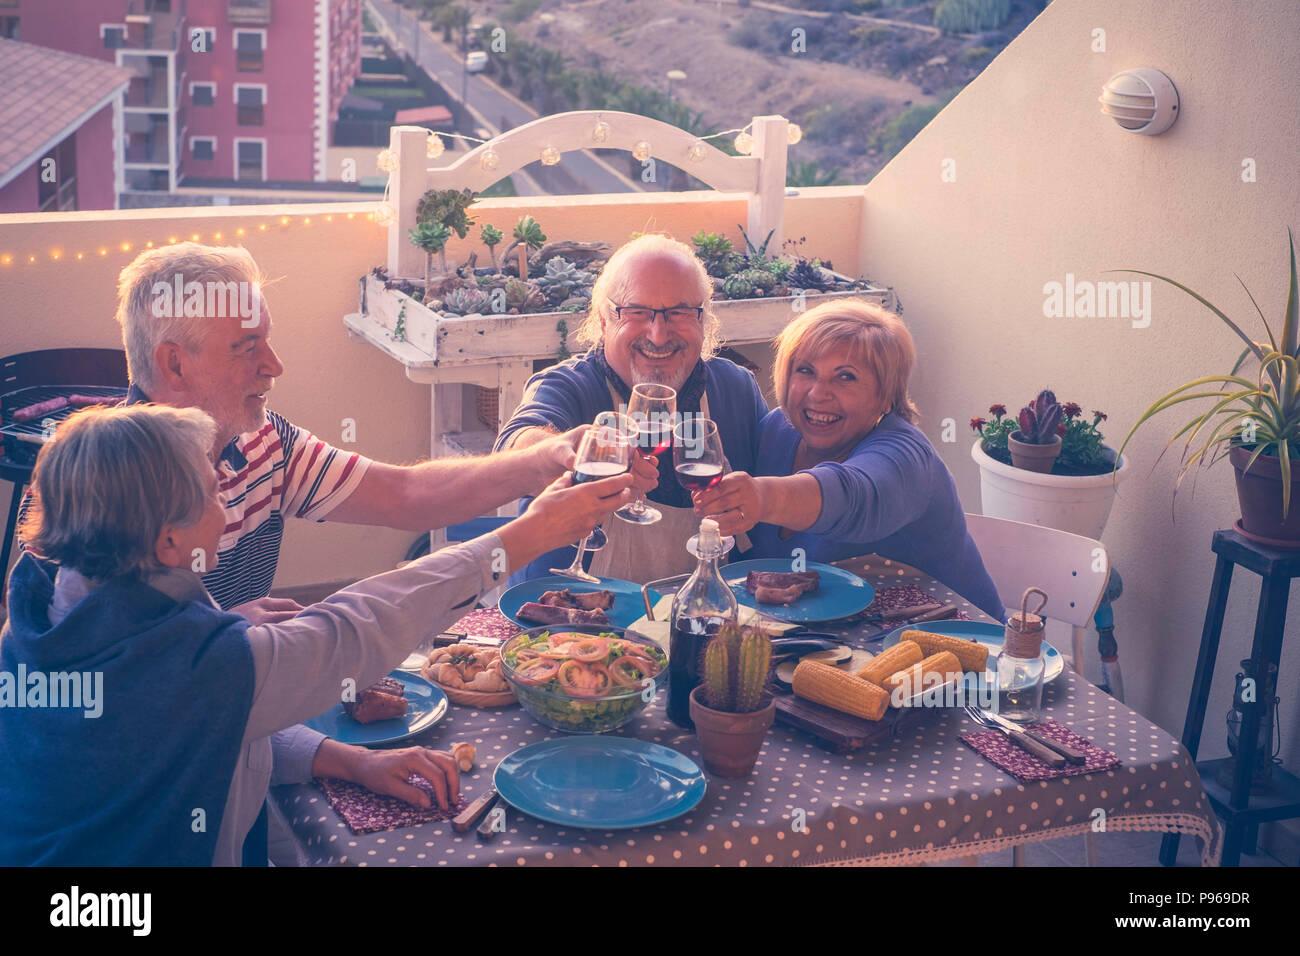 Grupo de adultos caucásicos personas maduras comiendo y bebiendo juntos celebrando el evento por la noche en la terraza con vista de la ciudad y la naturaleza en verano. Imagen De Stock